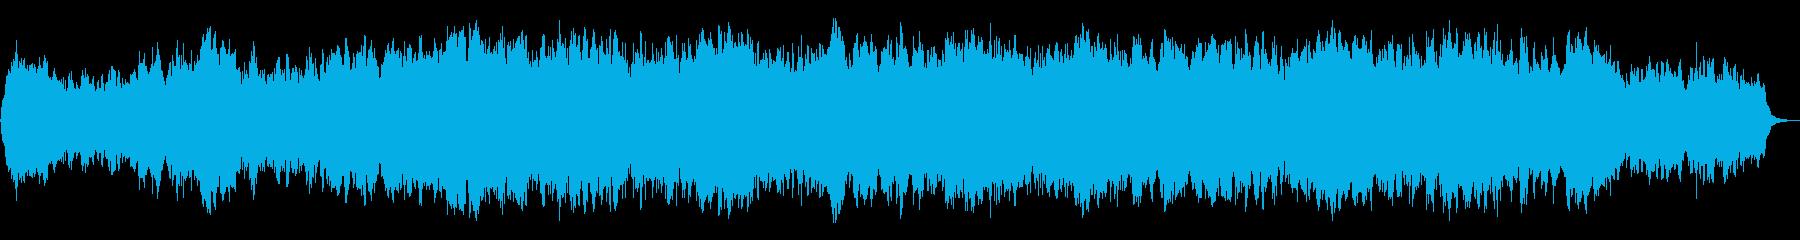 ドキュメンタリー。フォーク。エスニ...の再生済みの波形